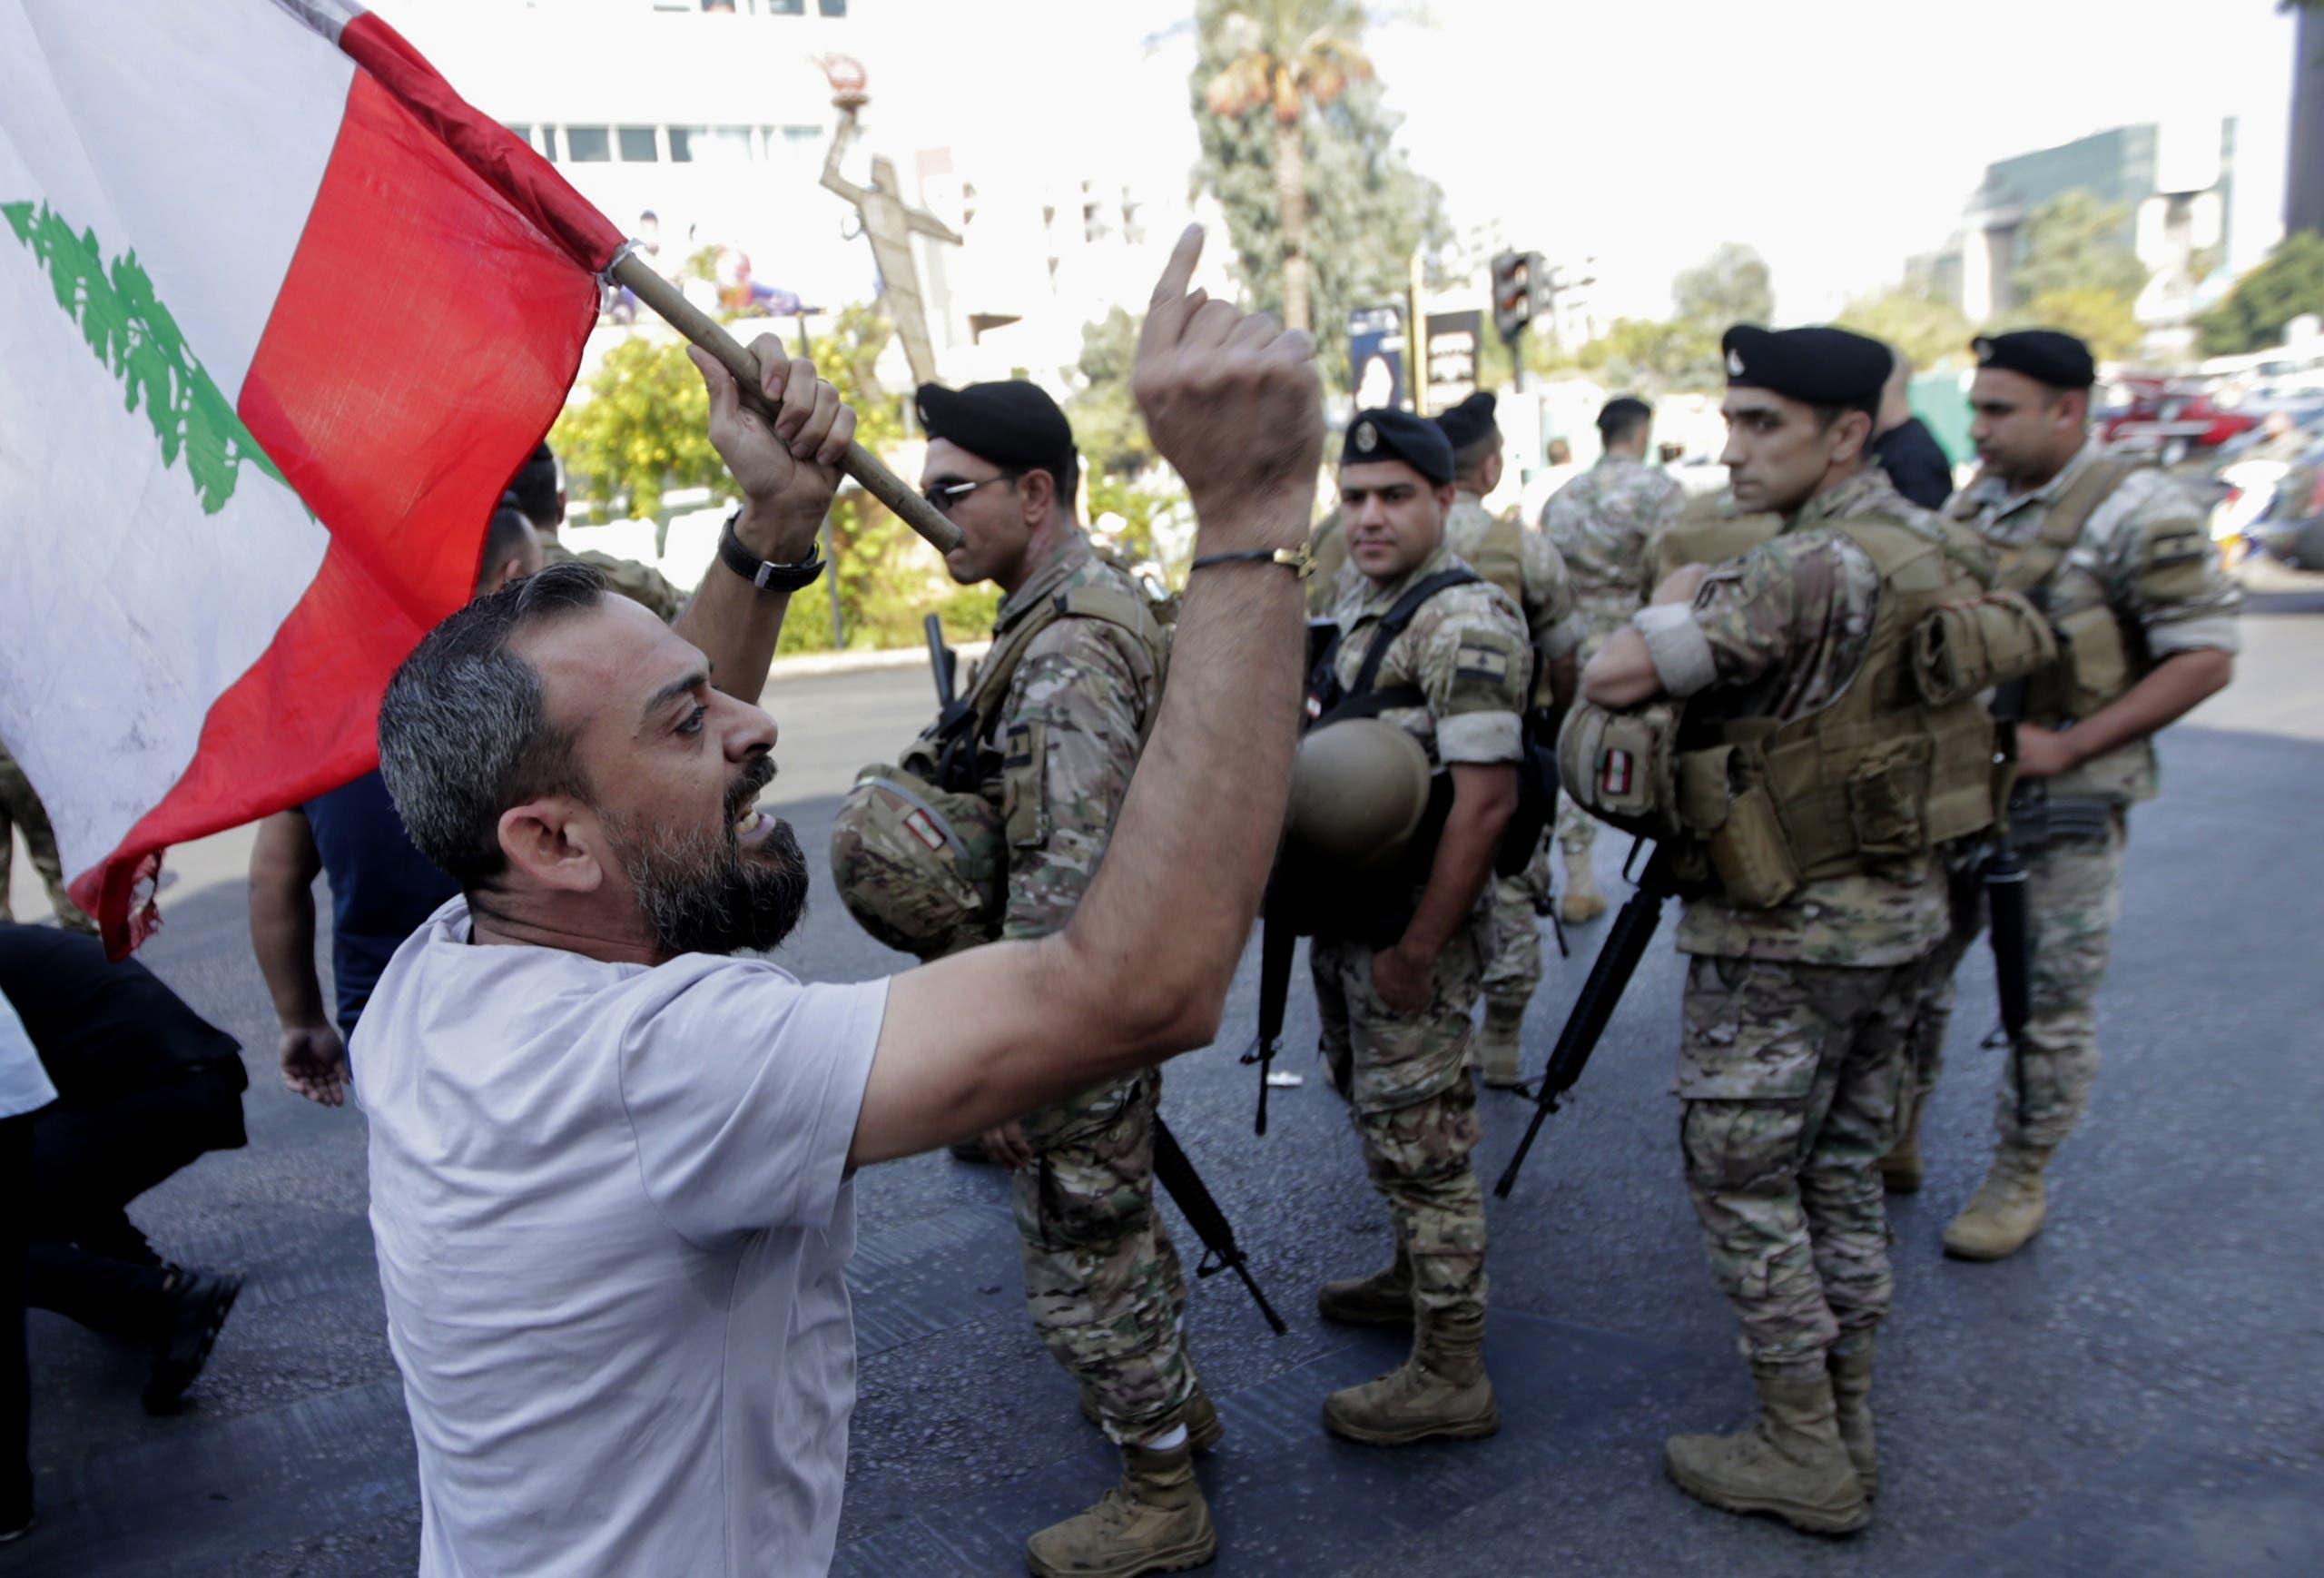 أحد المتظاهرين ووراءه عنصار الجيش في إحدى ضواحي بيروت